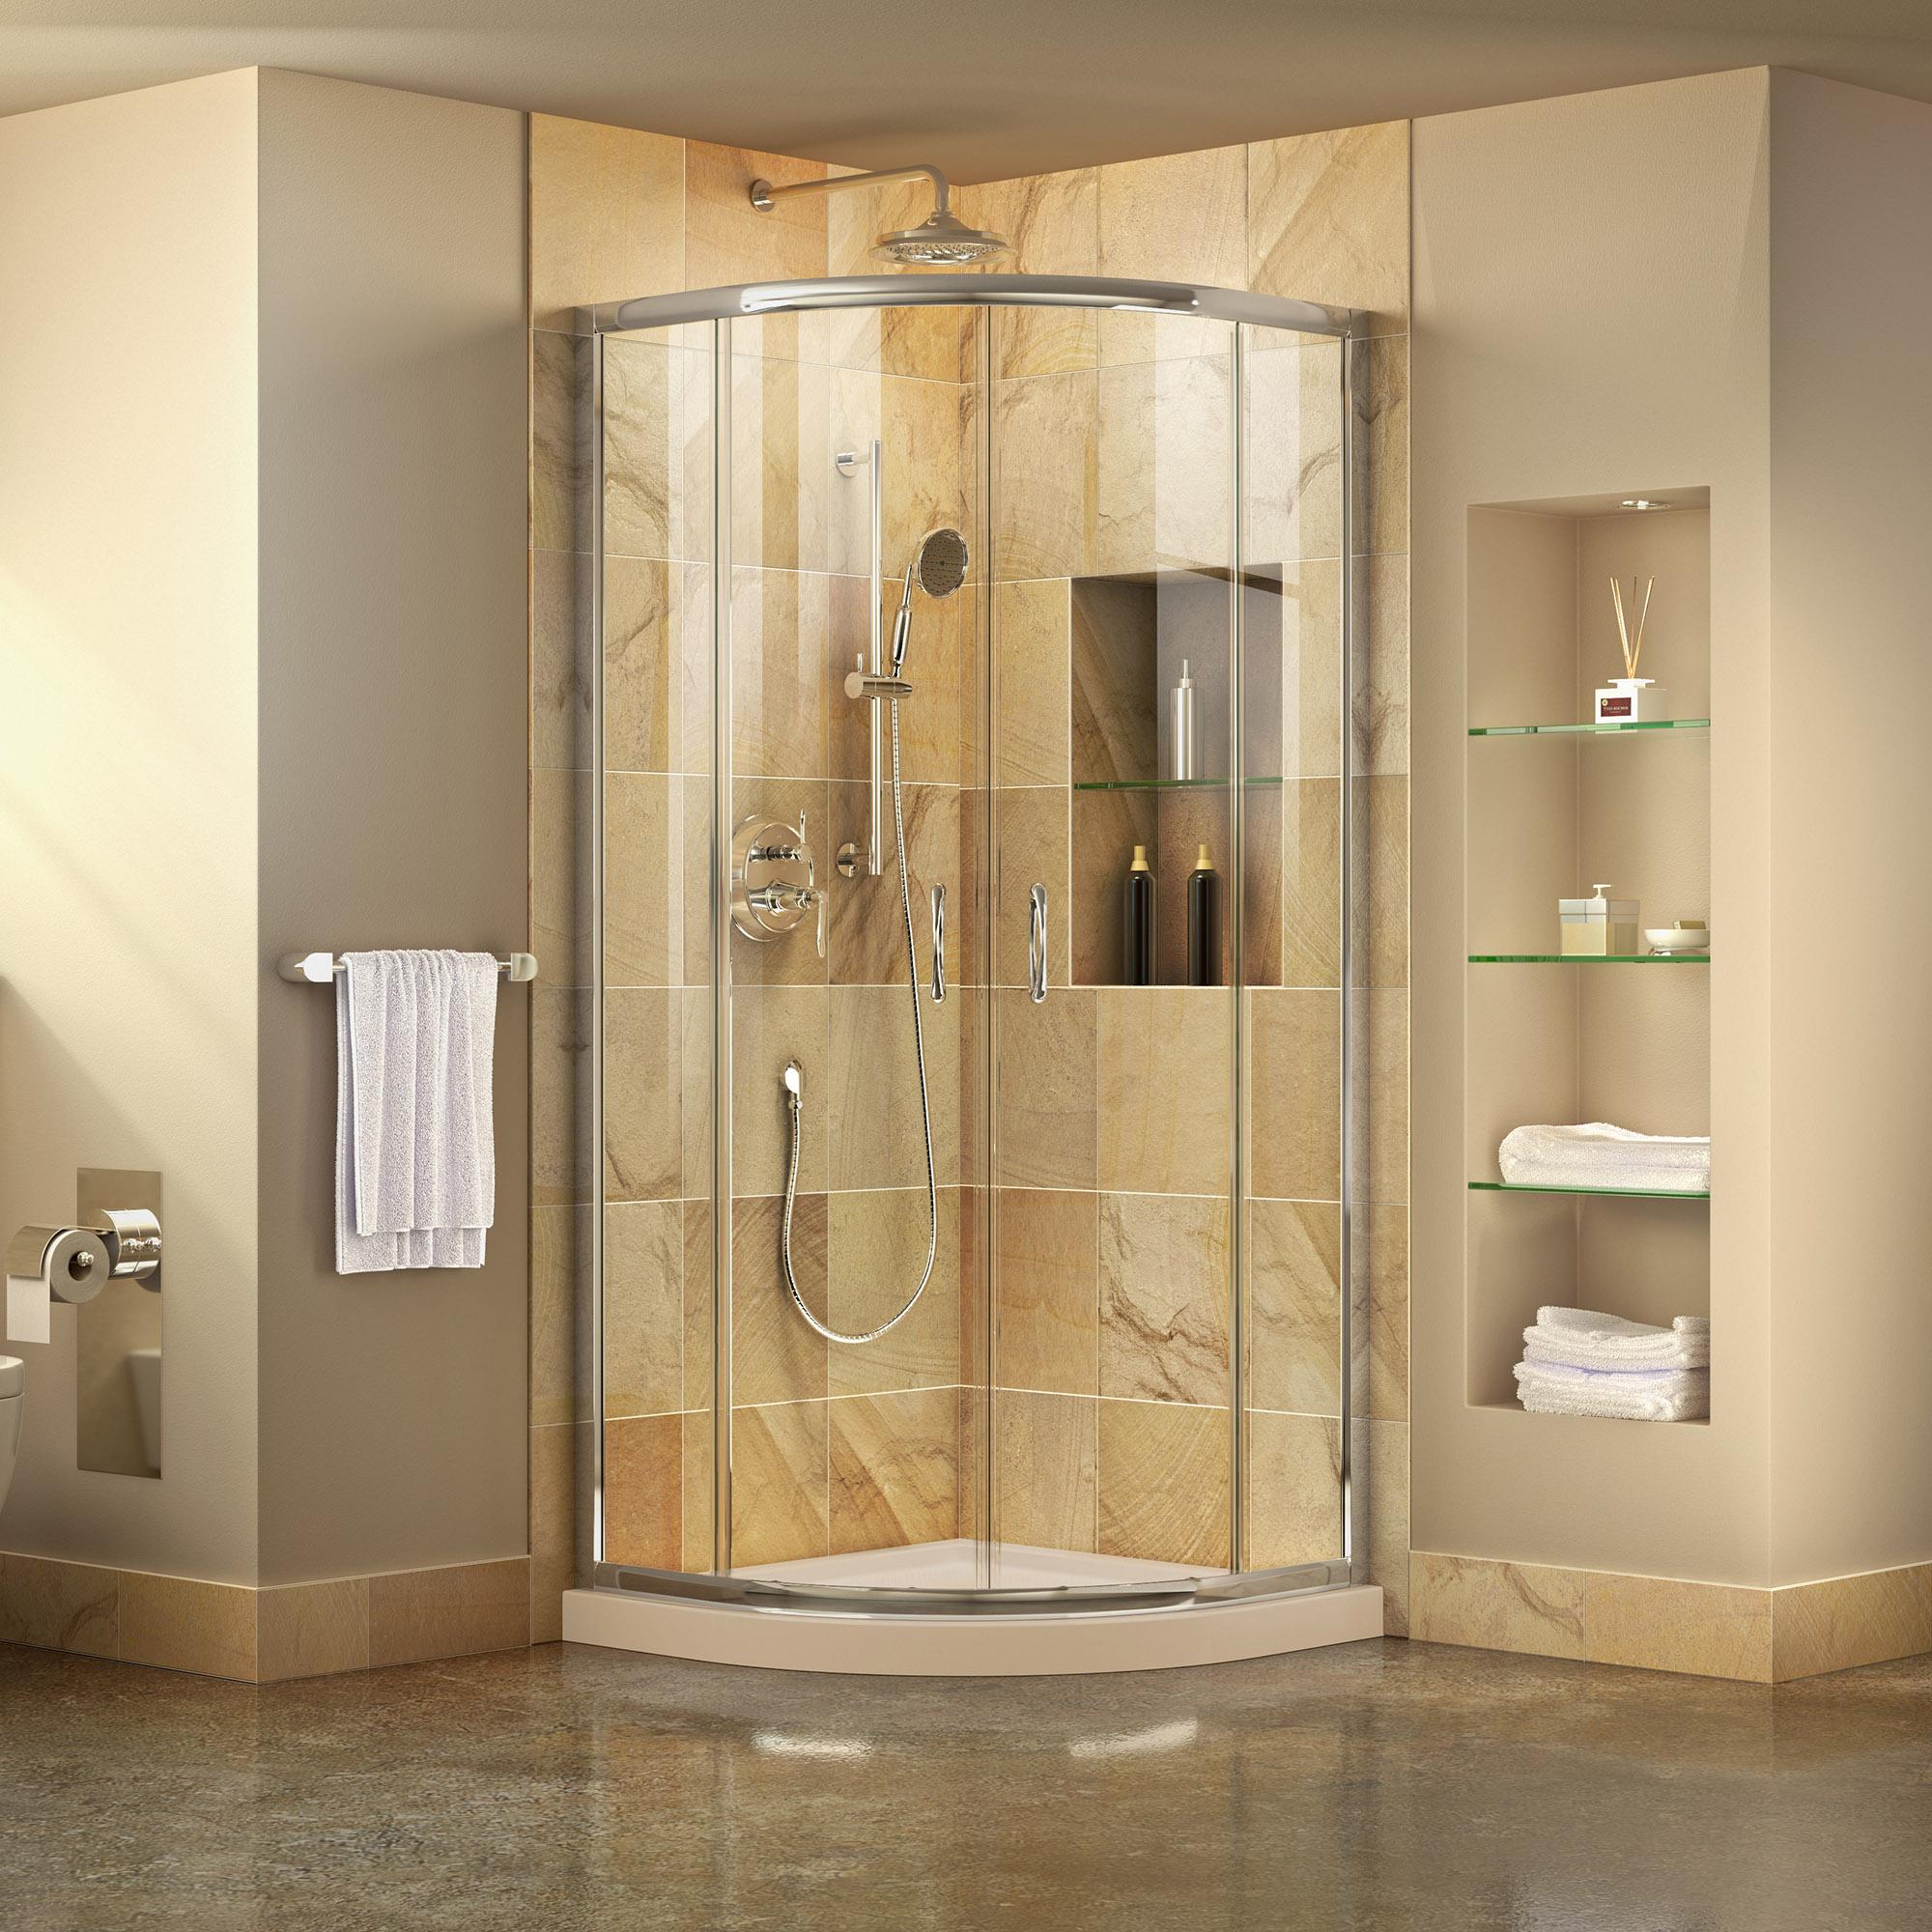 Prime Frameless Sliding Shower Enclosure & SlimLine 33